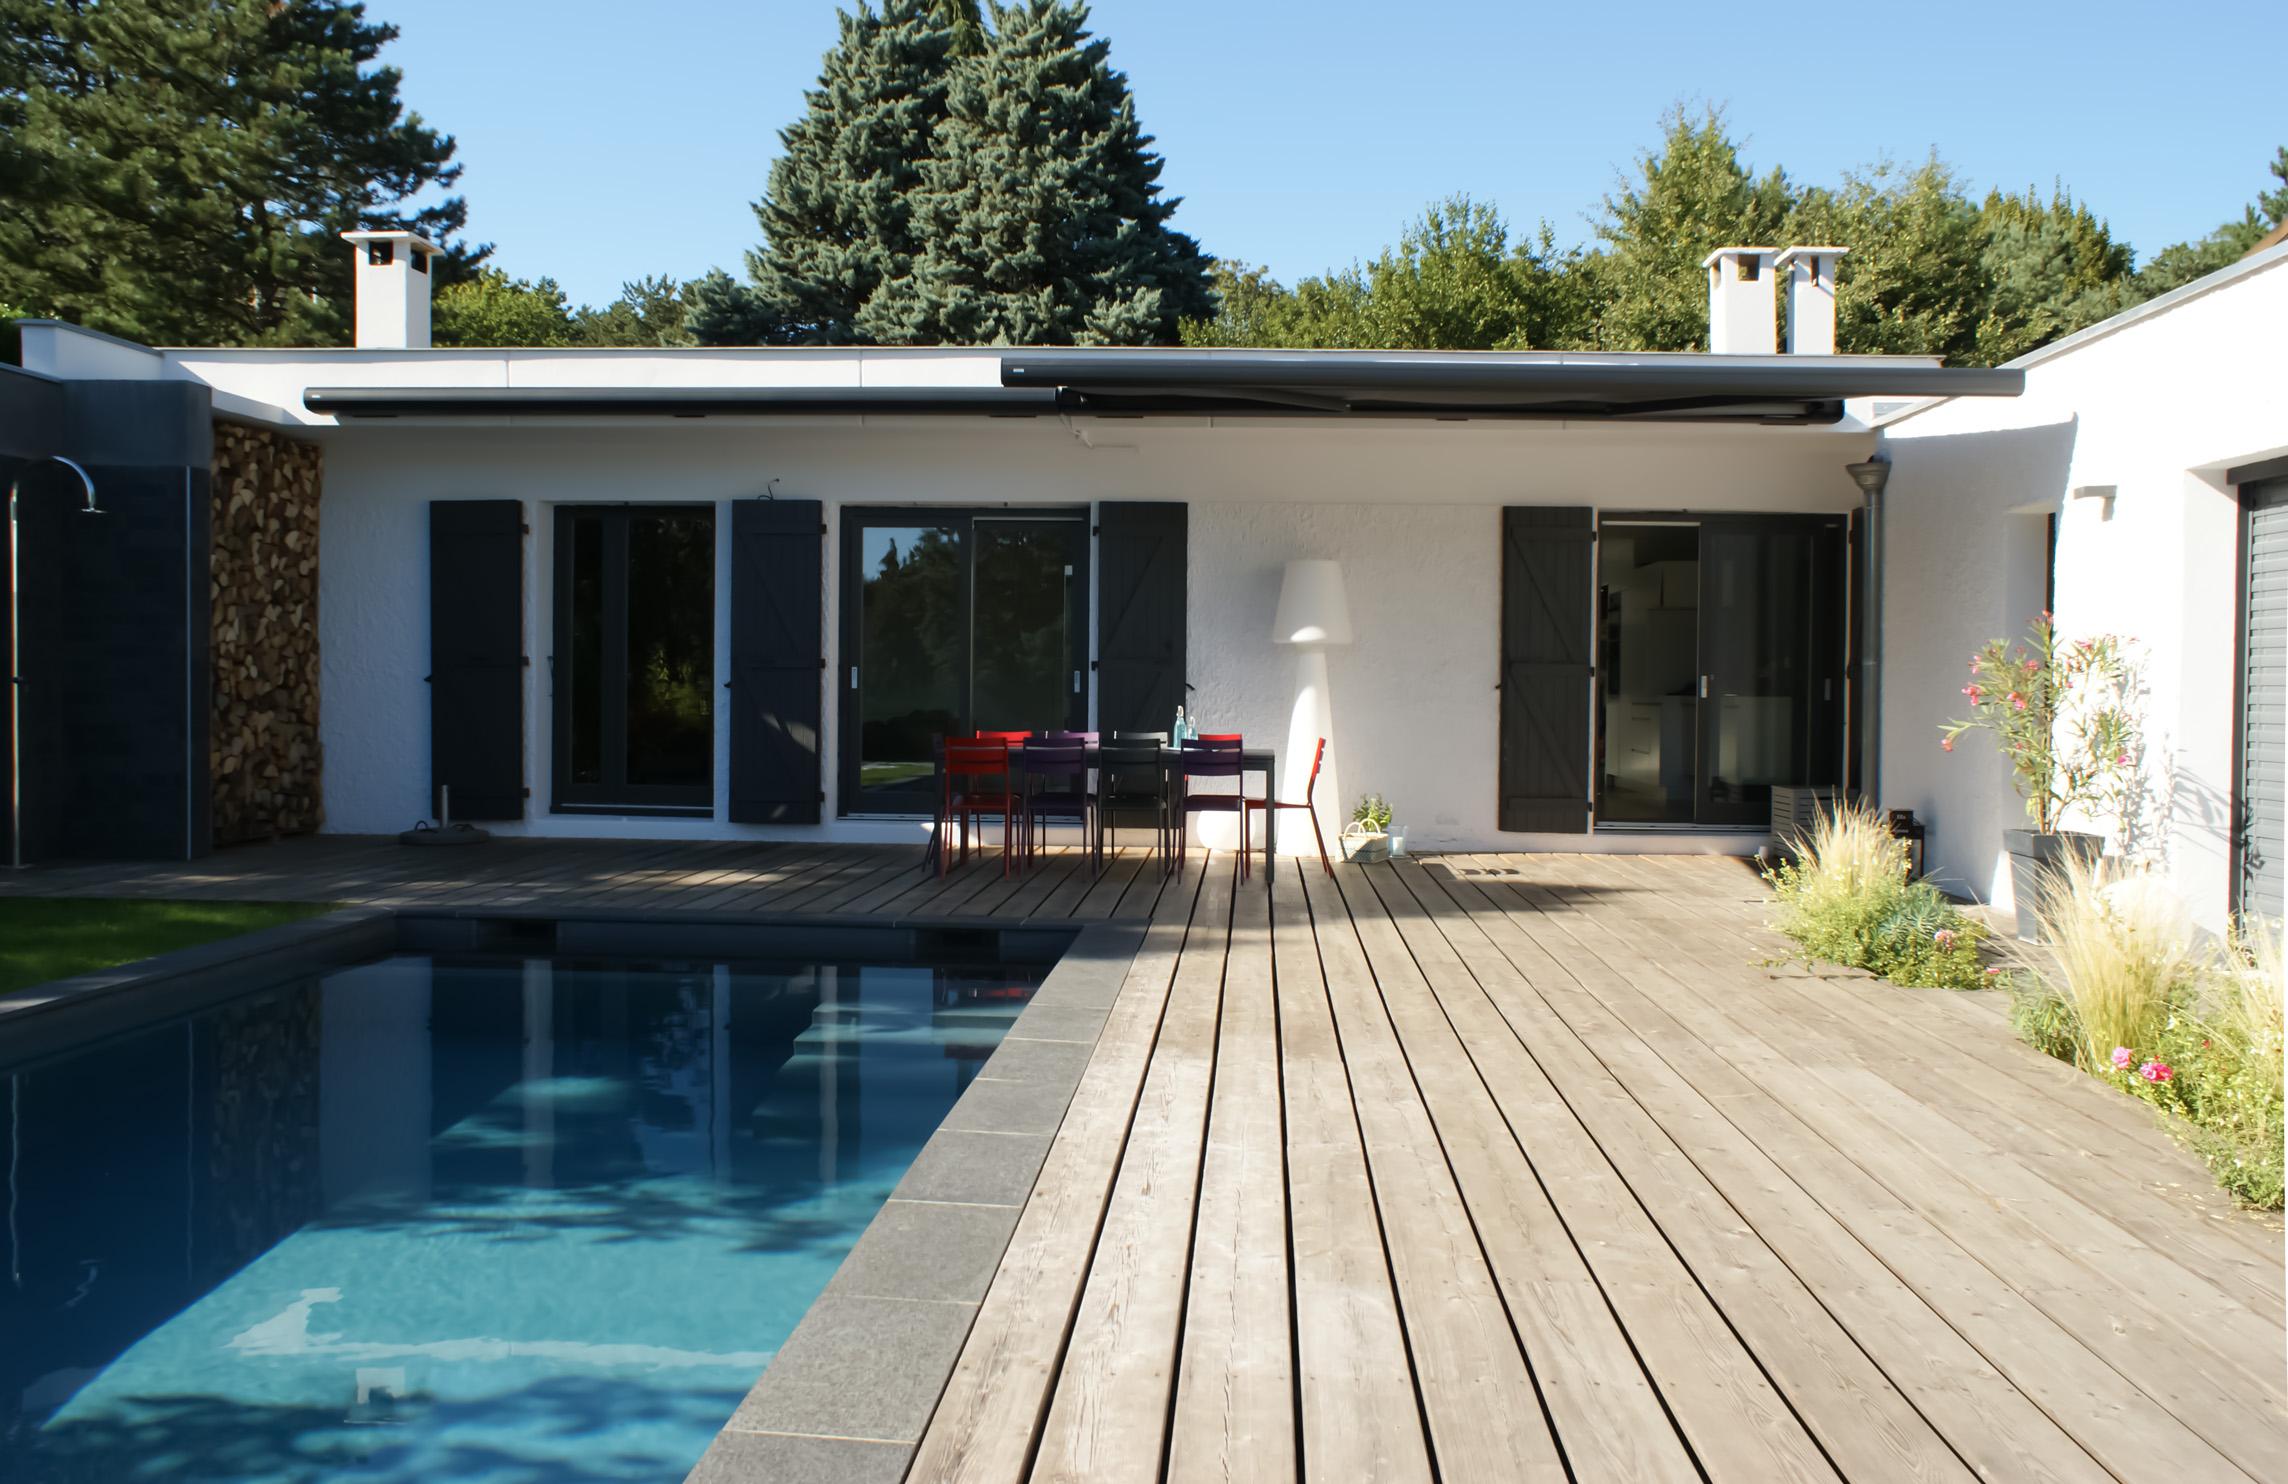 Projet d'aménagement de jardin avec une piscine maçonnée